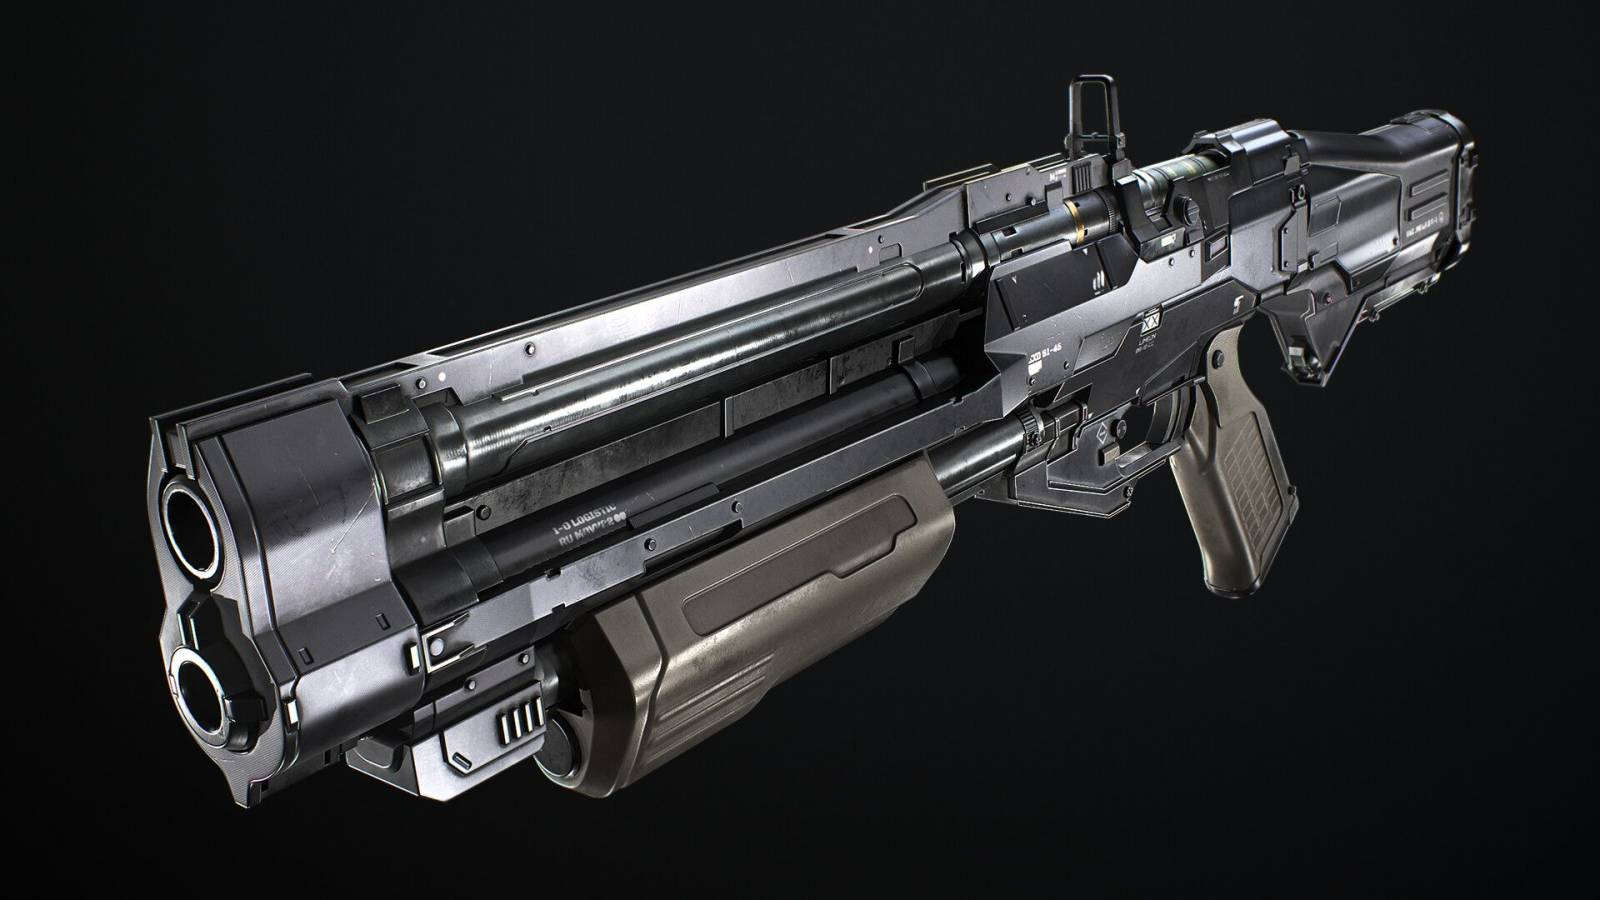 Một tựa bắn súng xuất sắc cần những yếu tố nào? – P.Cuối